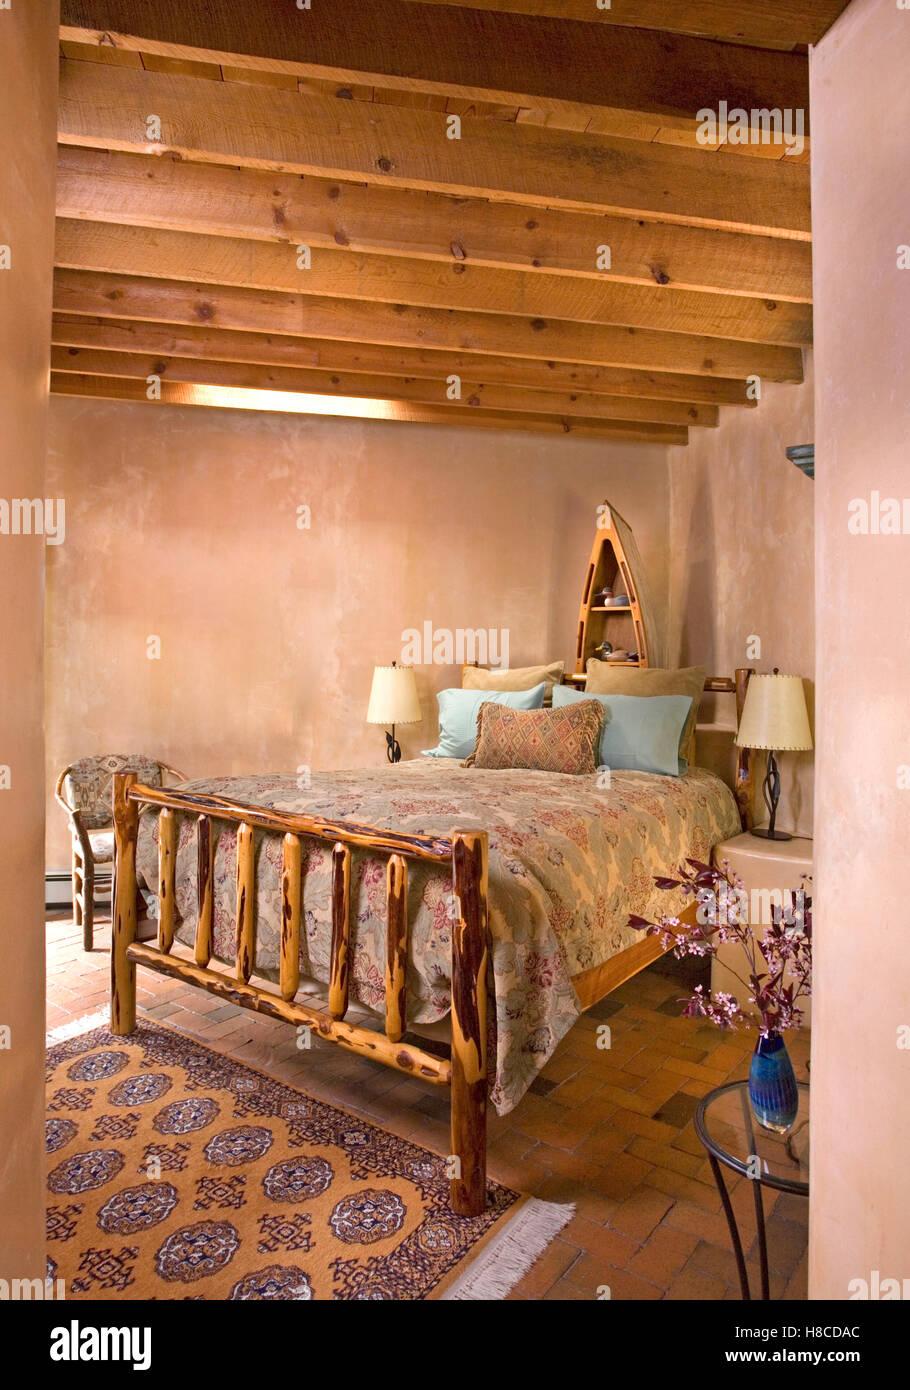 Holz Gerahmt In Rustikal, Land Schlafzimmer Mit Dach Und Adobe Wänden Holz  Gerahmt, Santa Fe, New Mexico.